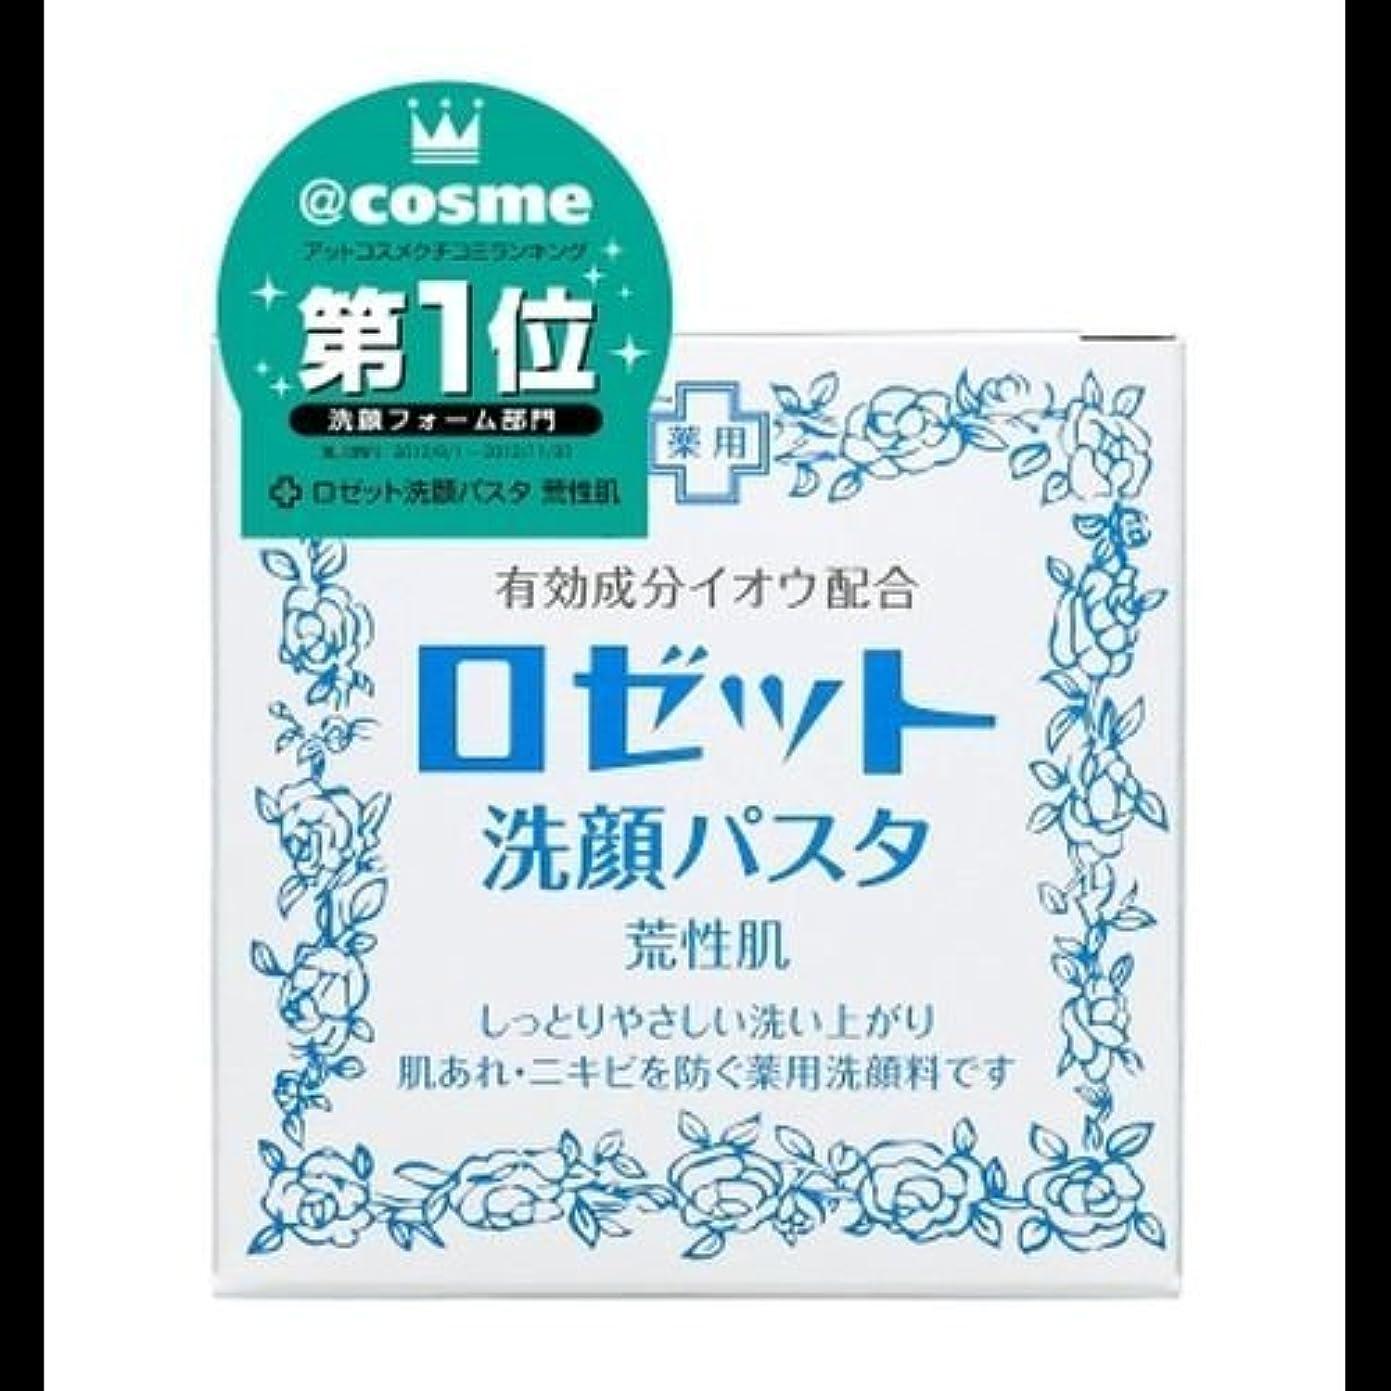 立場廃止戻る【まとめ買い】ロゼット 洗顔パスタ 荒性90g ×2セット